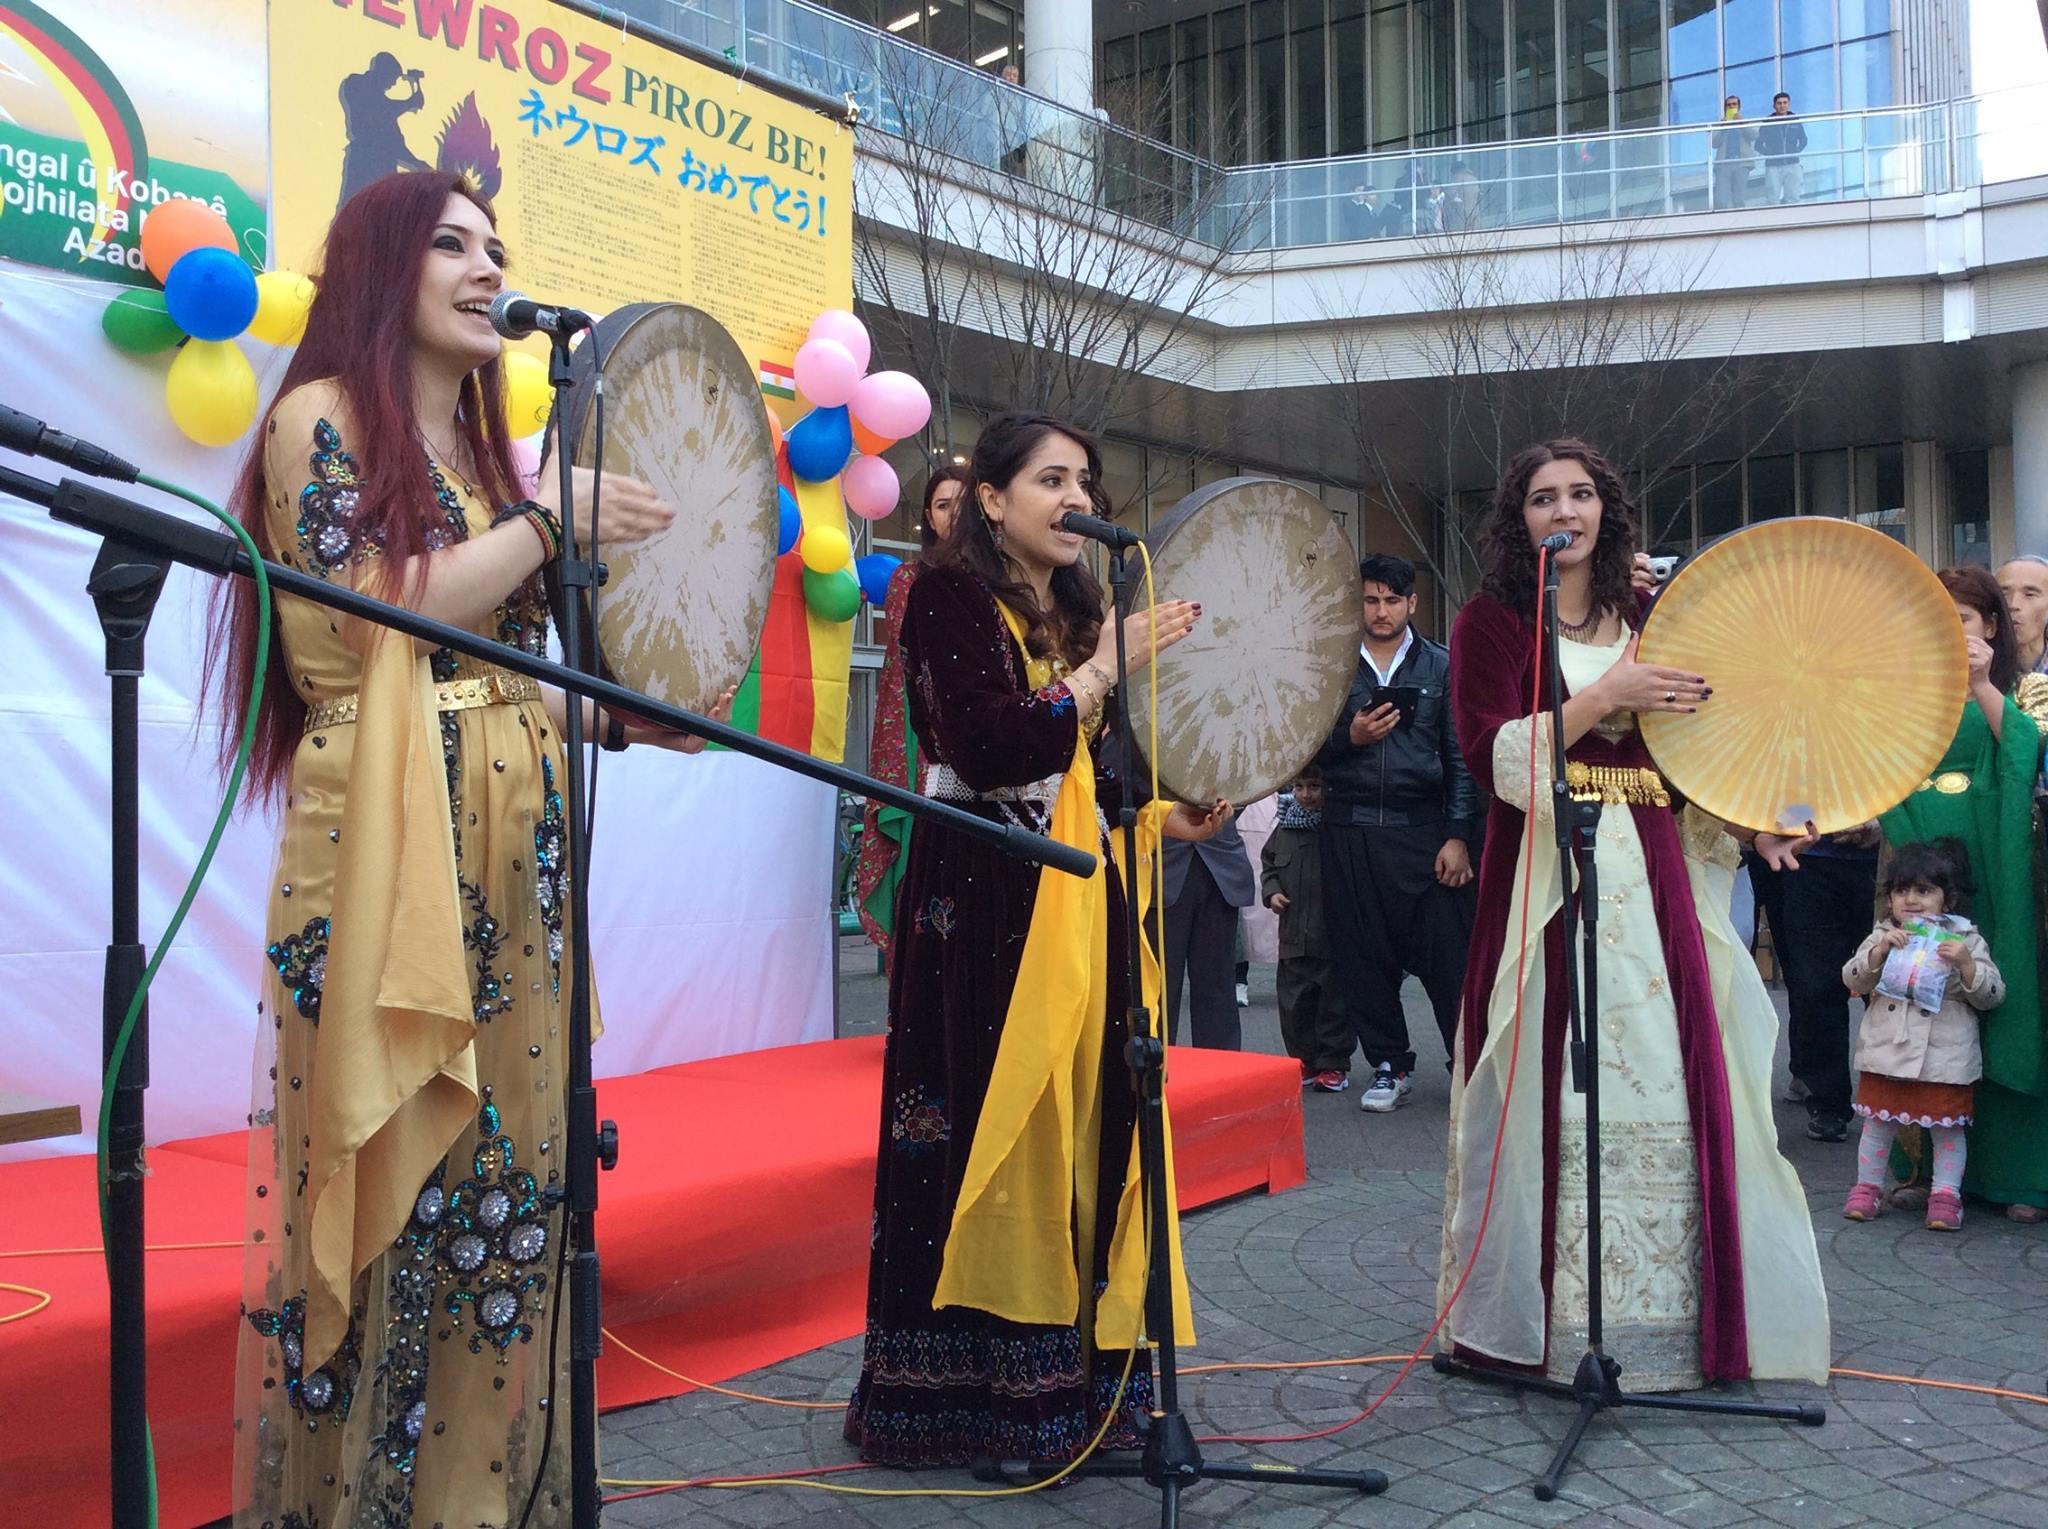 クルド民族の衣装を着た女性たち